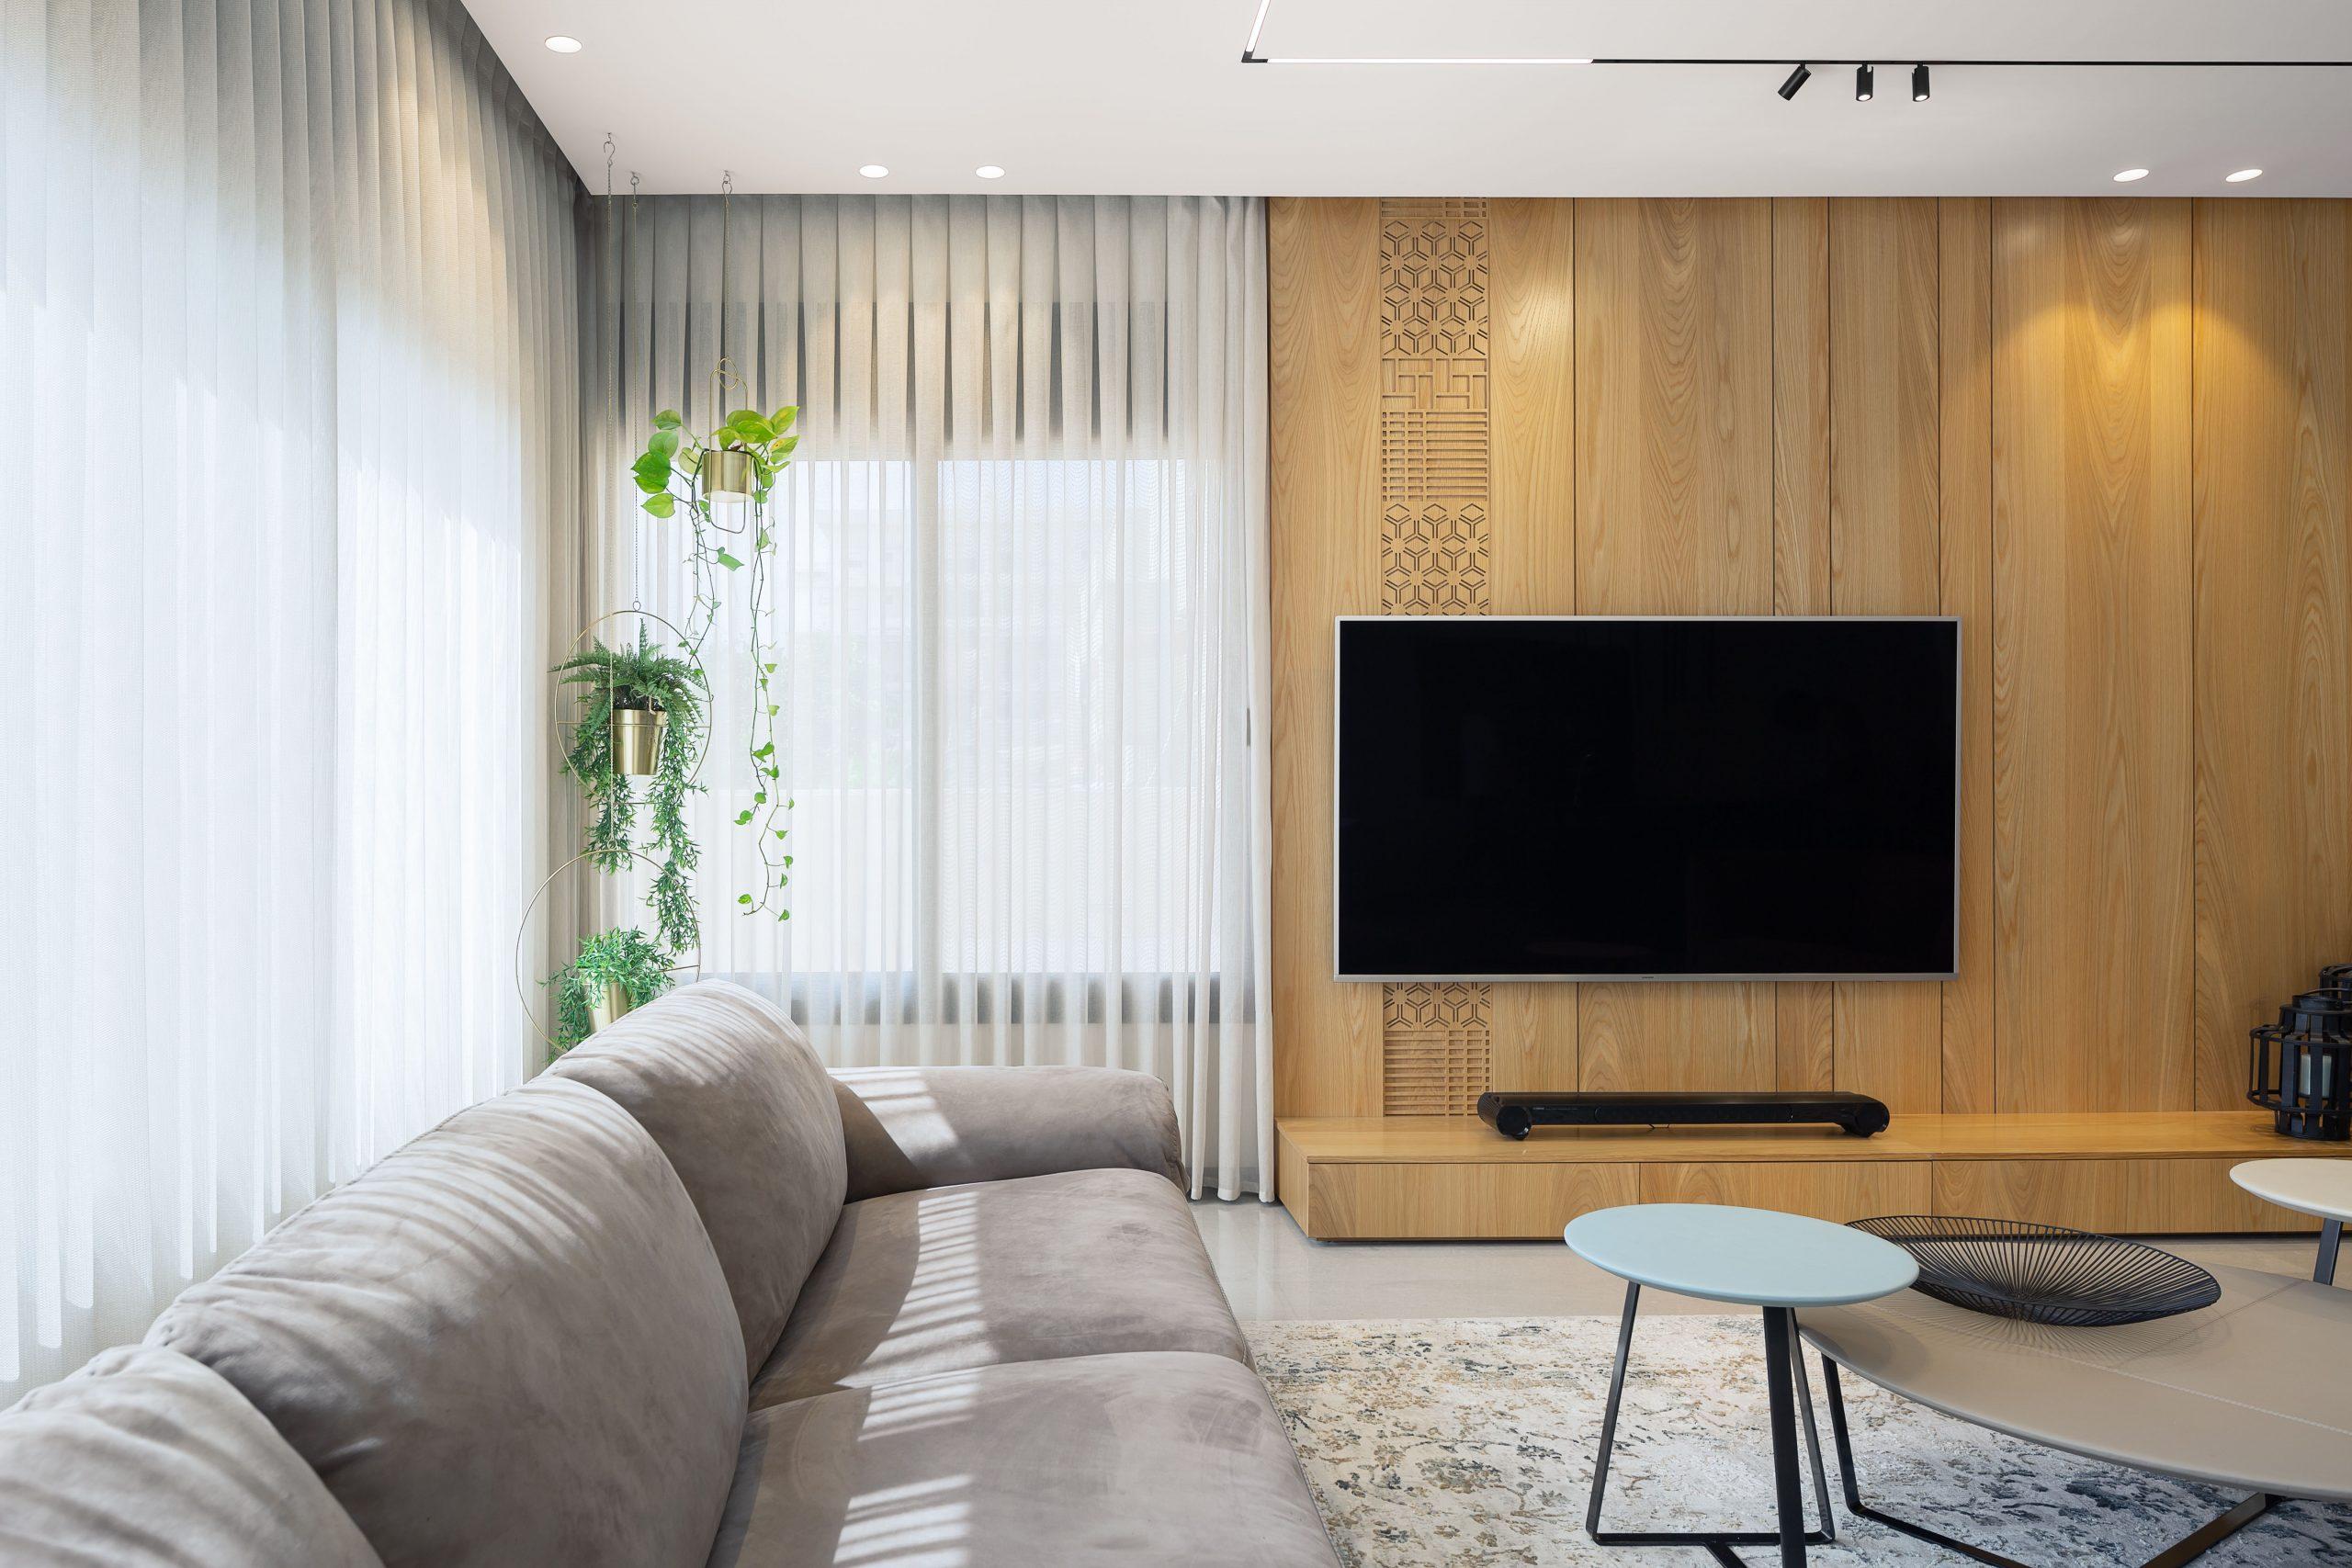 סלון בעיצוב אדריכלי עם תאורה מקצועית